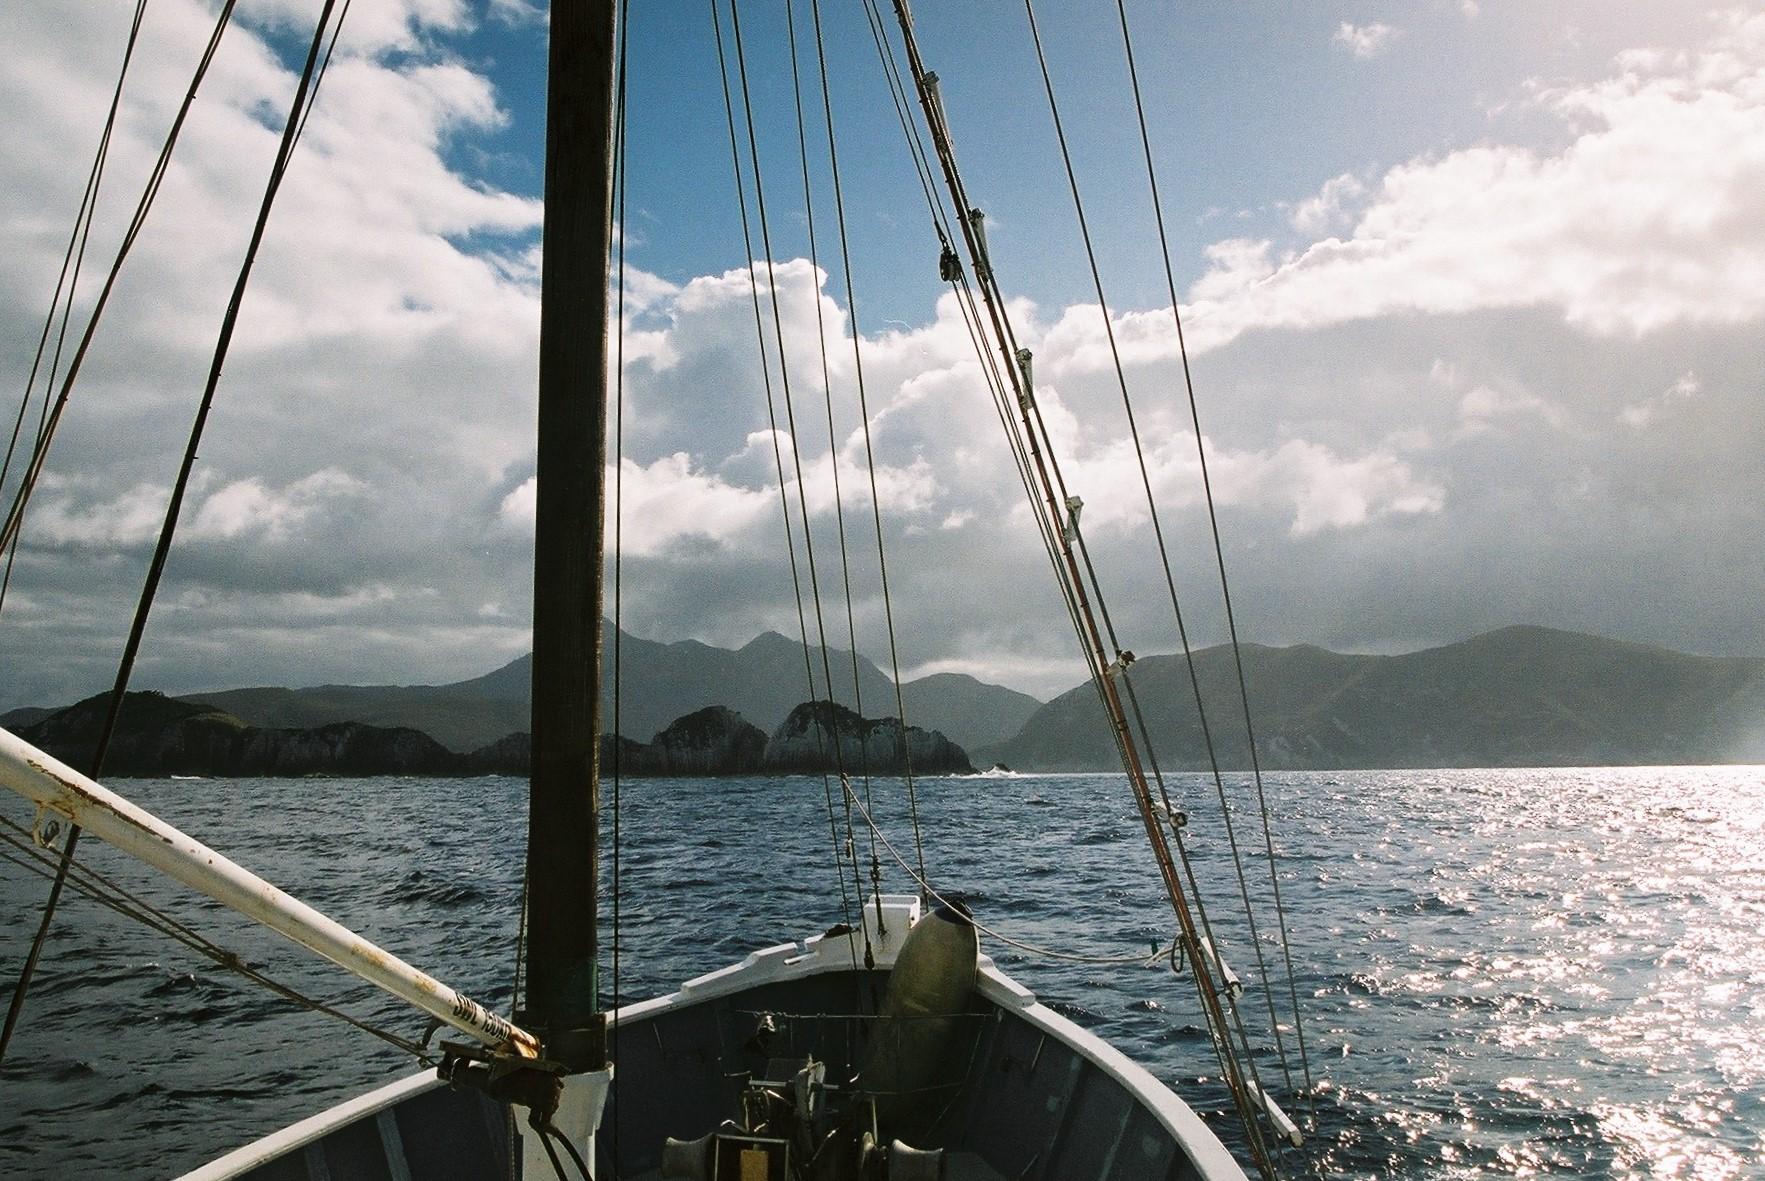 Approaching Breaksea Islands